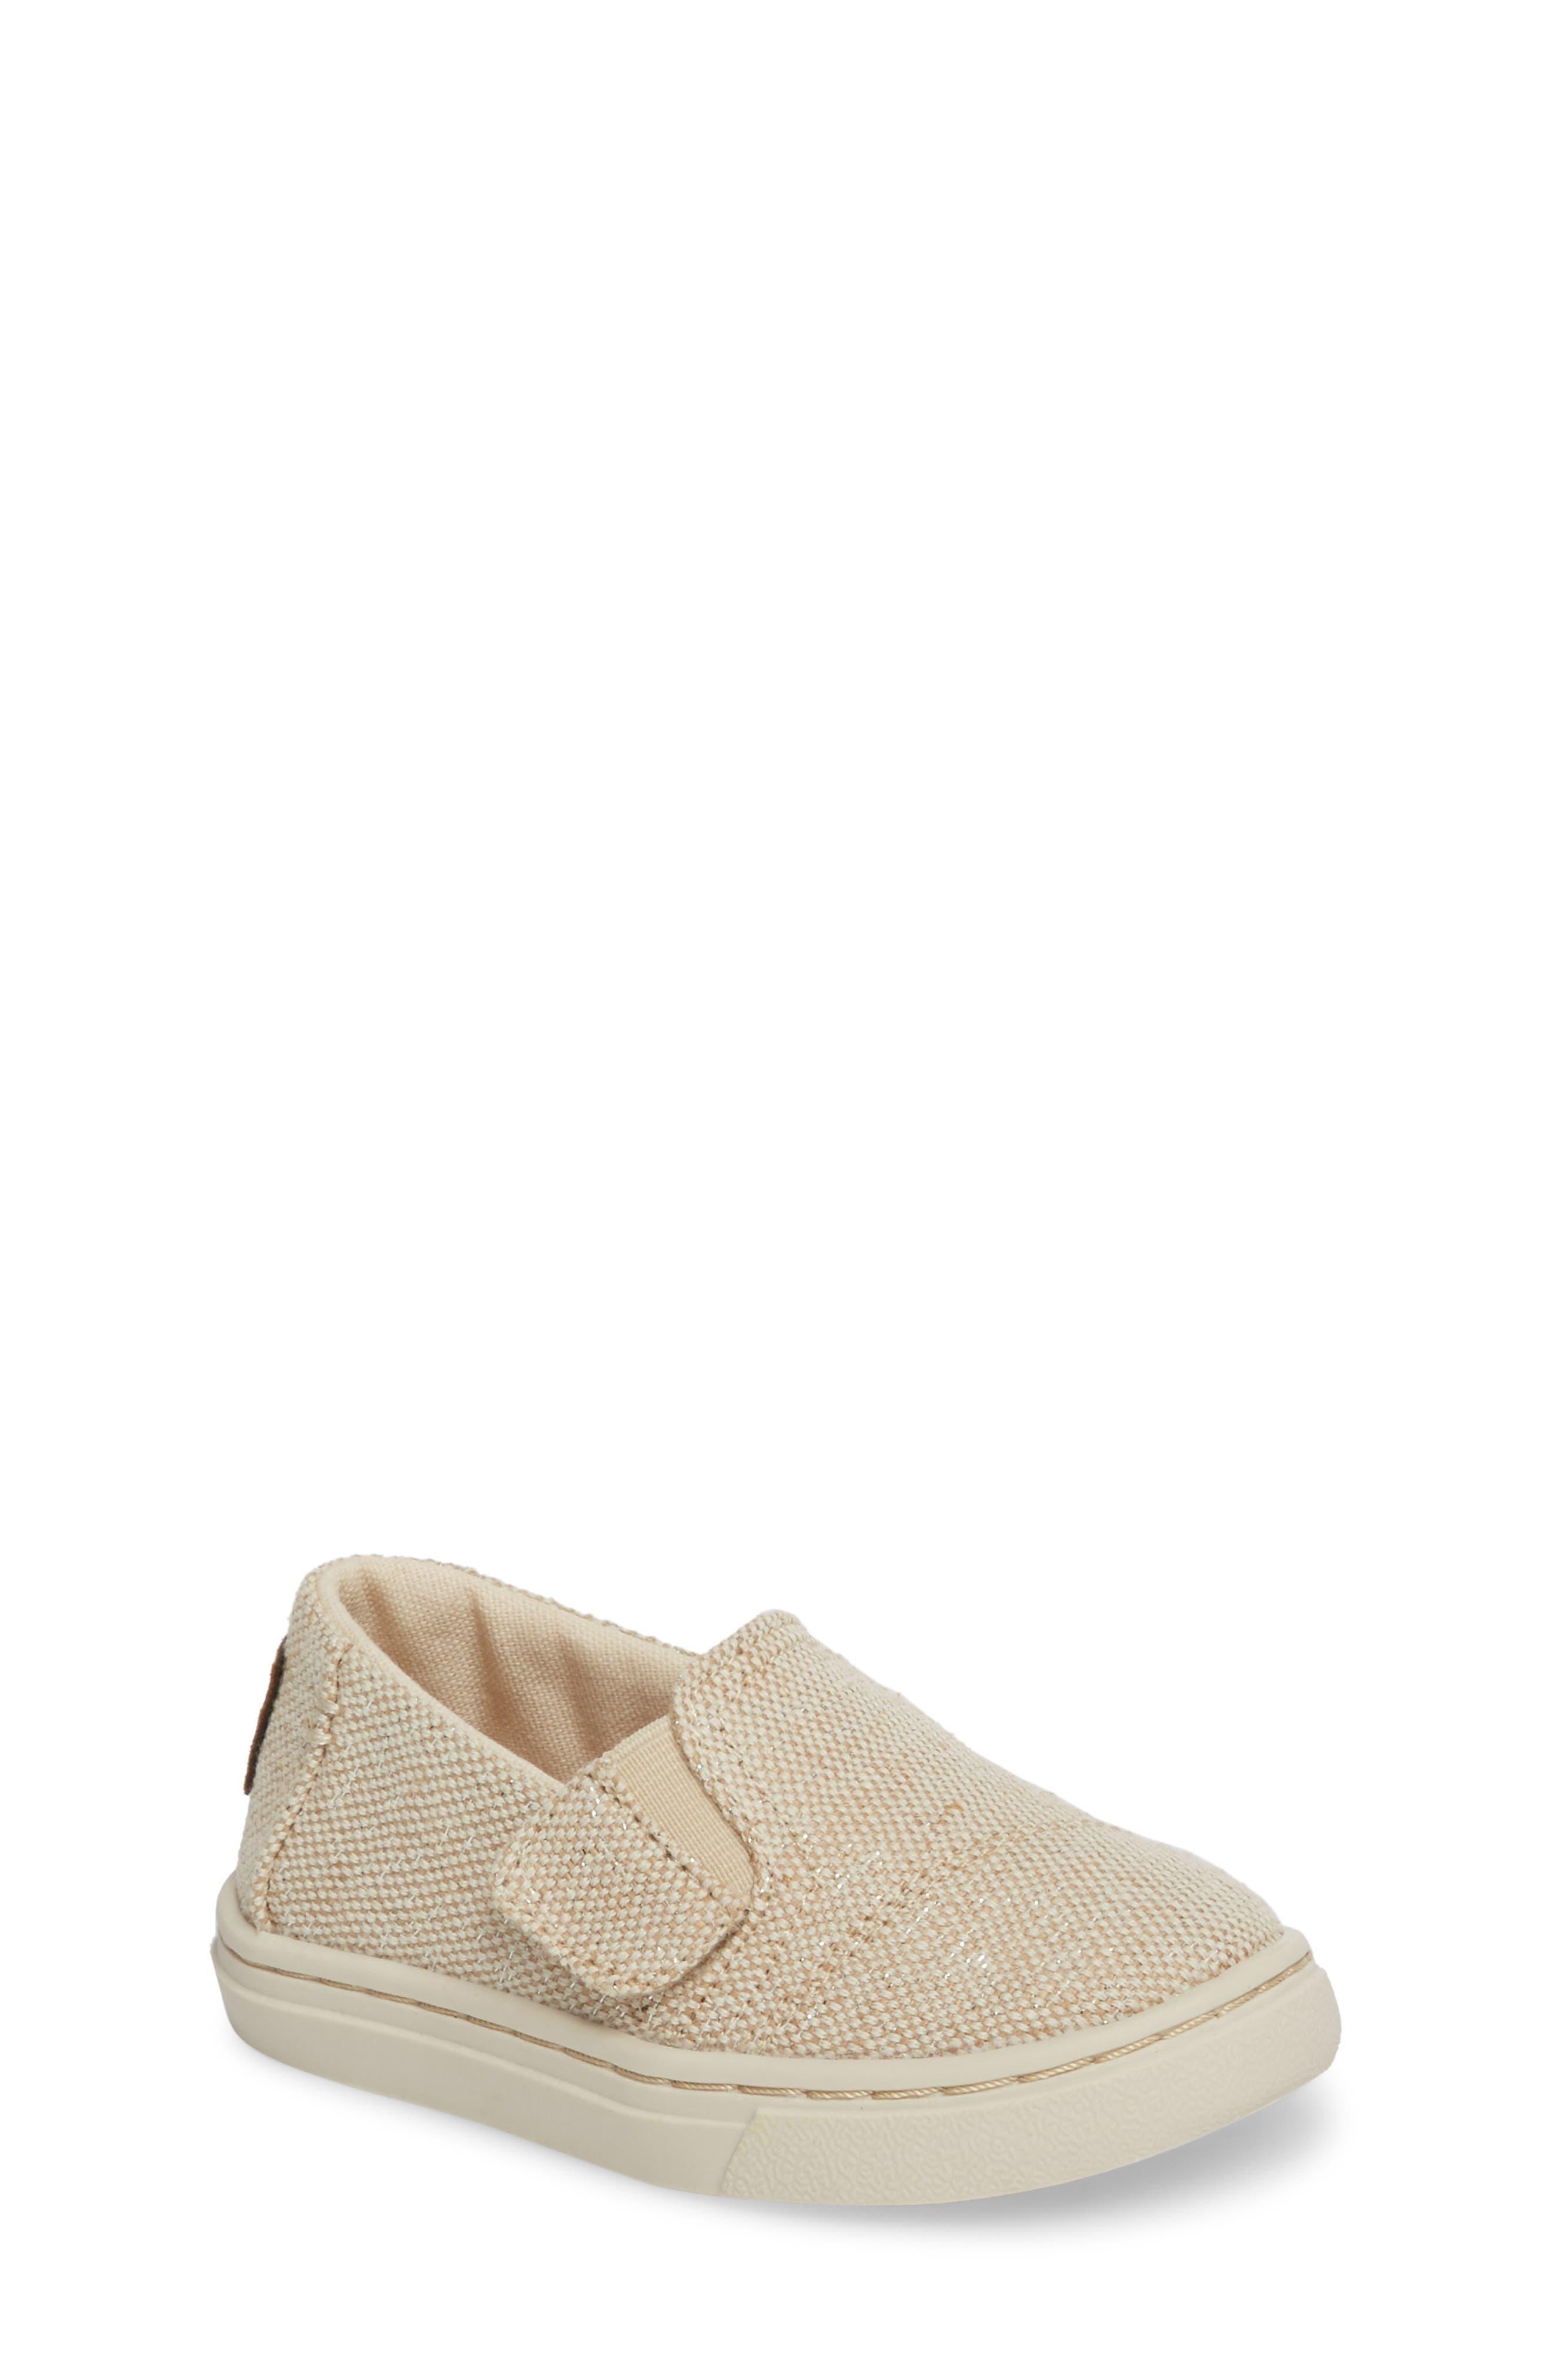 Luca Slip-On Sneaker,                         Main,                         color, Natural Metallic Jute